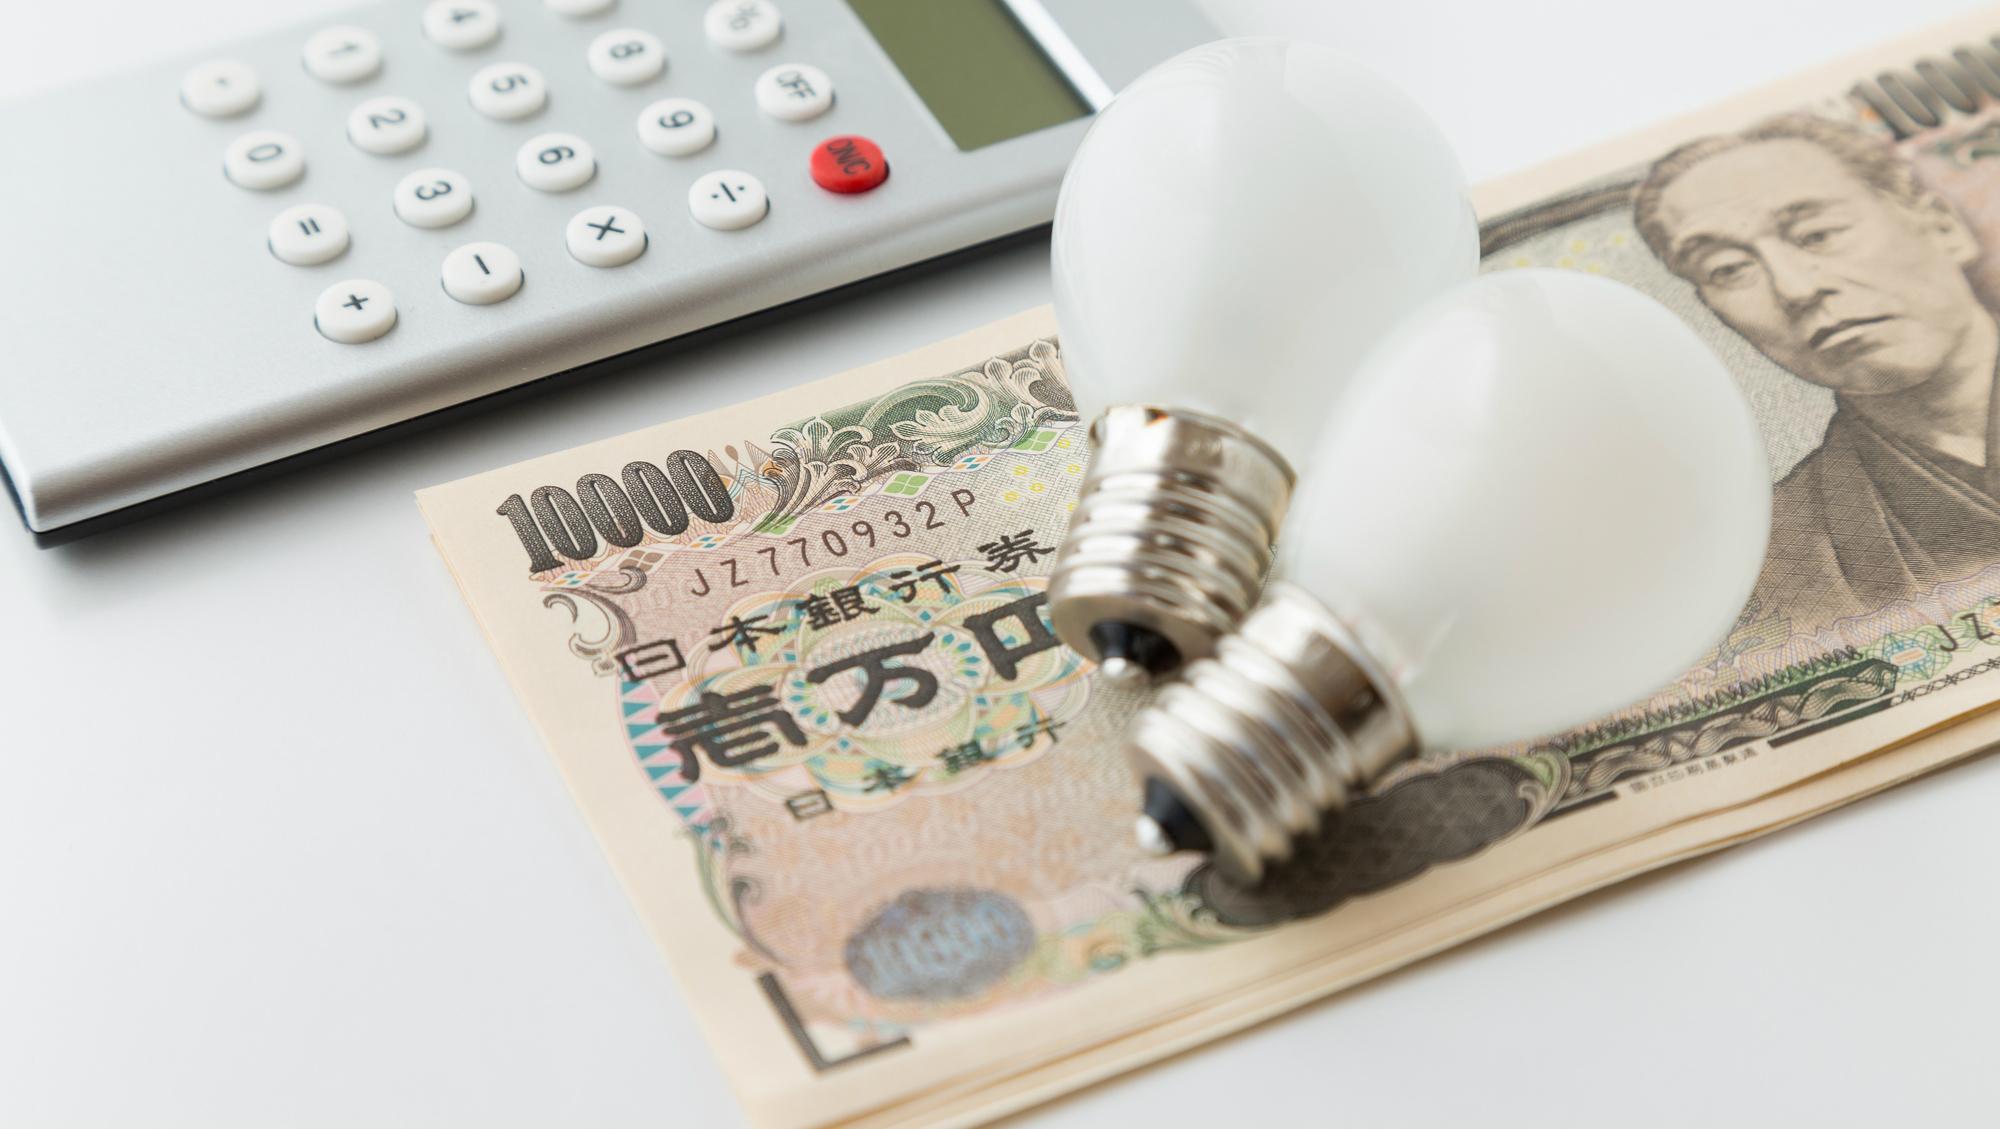 中小企業が新電力ビジネスに参入する意義とは?